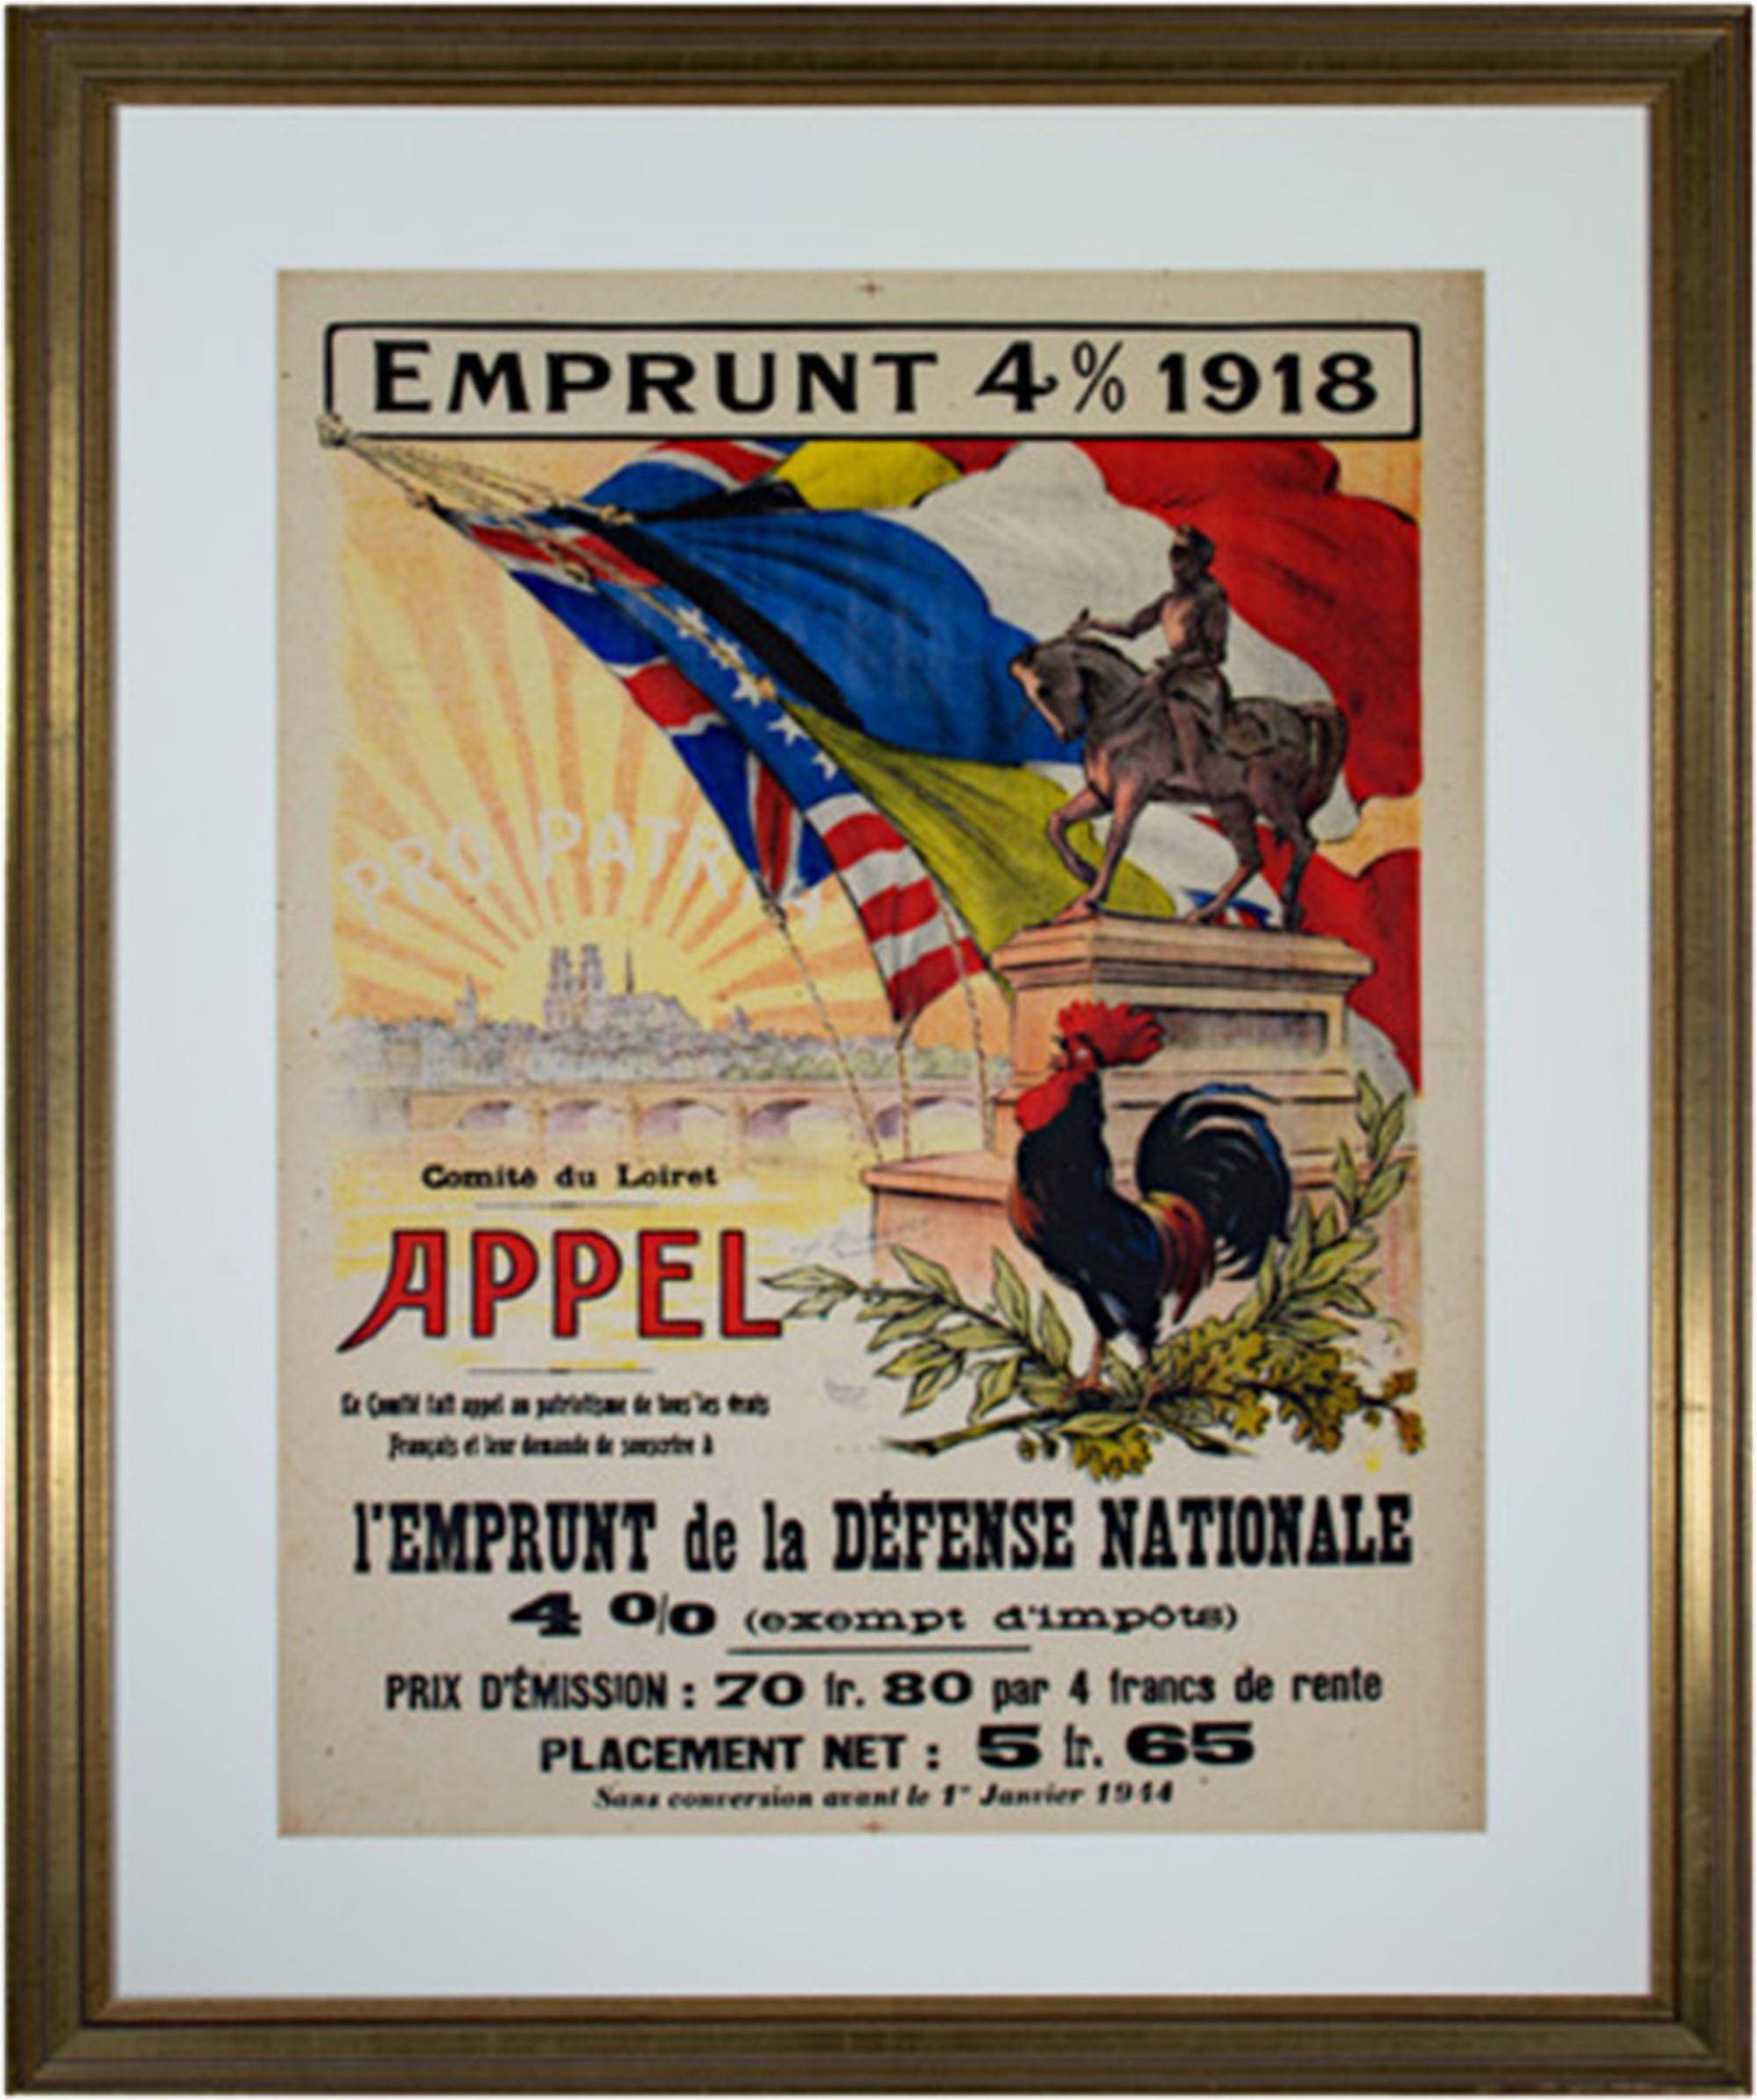 Emprunt 4% 1918-Appel by A. Malassinet